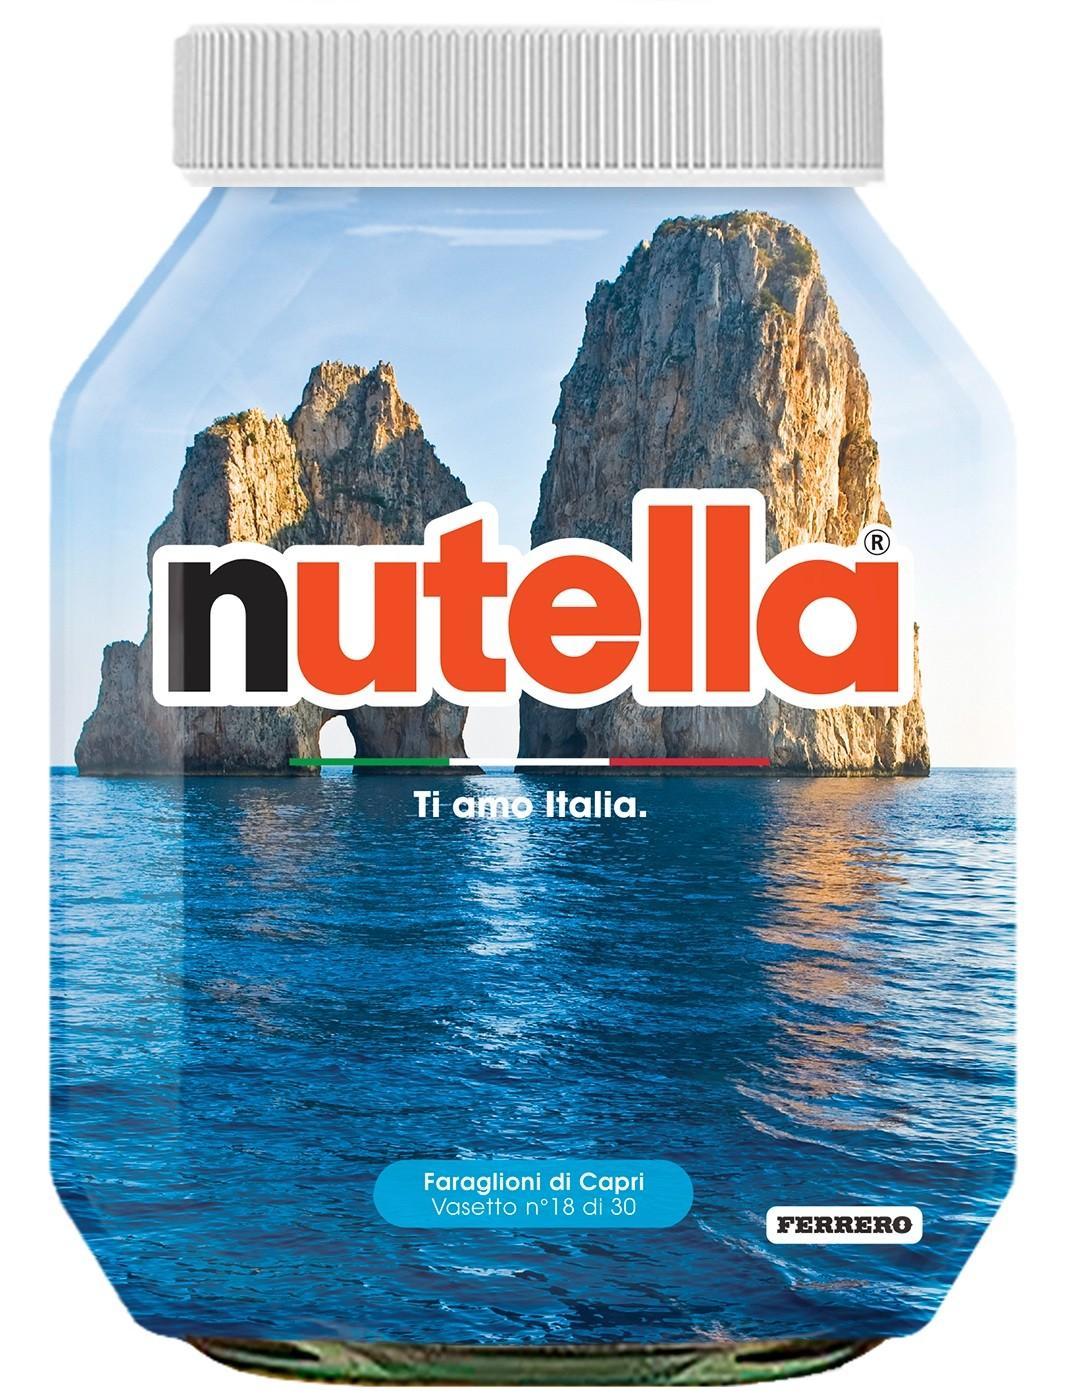 Nutella 18 Campania Faraglioni di Capri